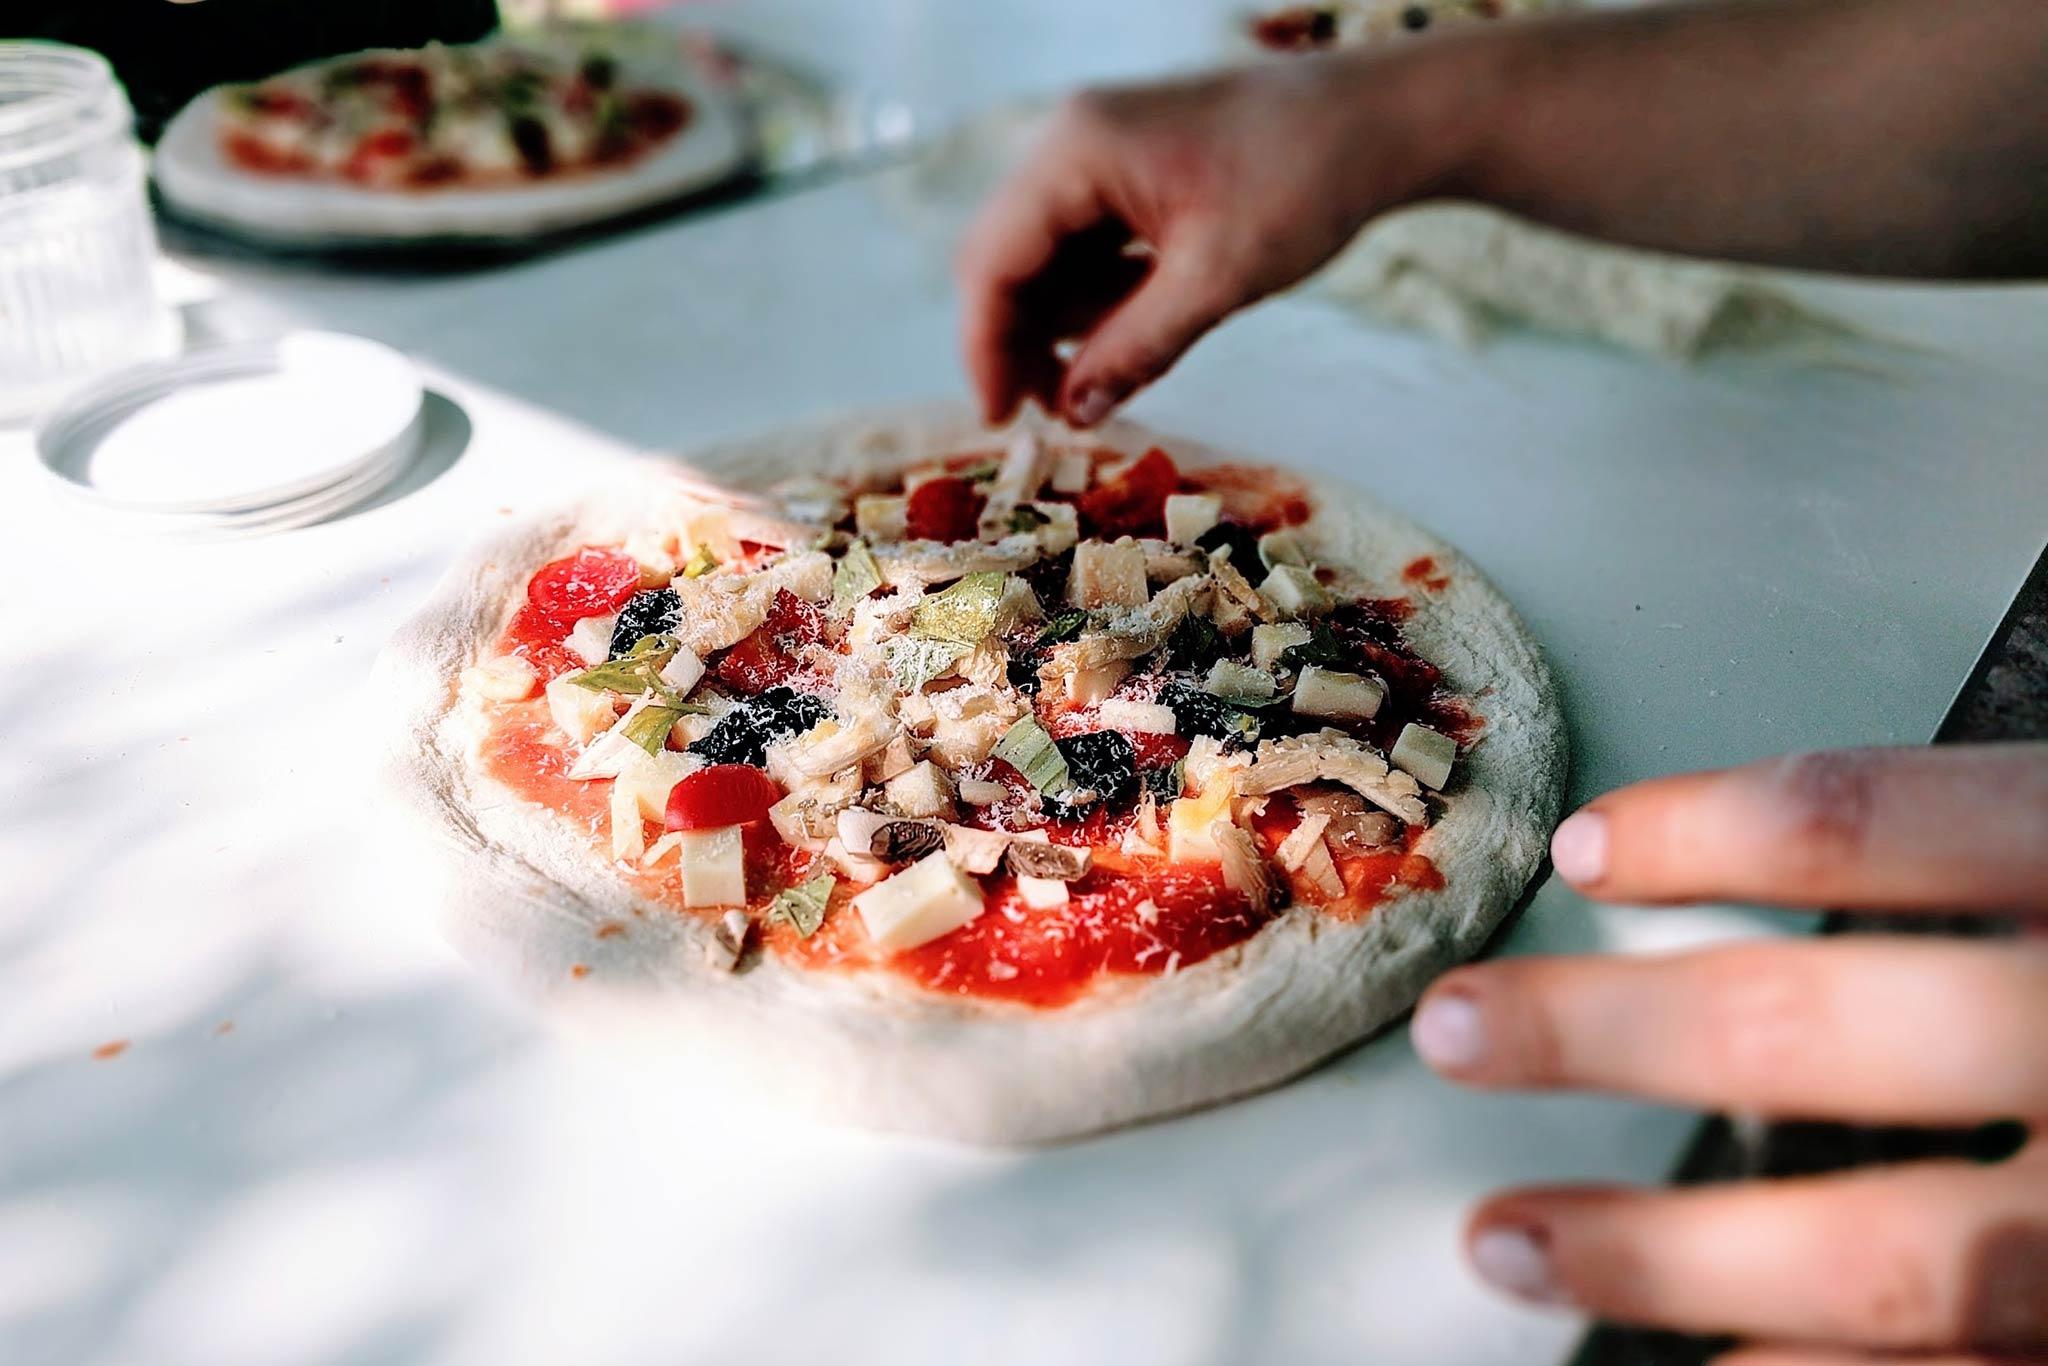 Il Podio Pizzeria Ristorante Ravensburg Pizza 07 Unsplash